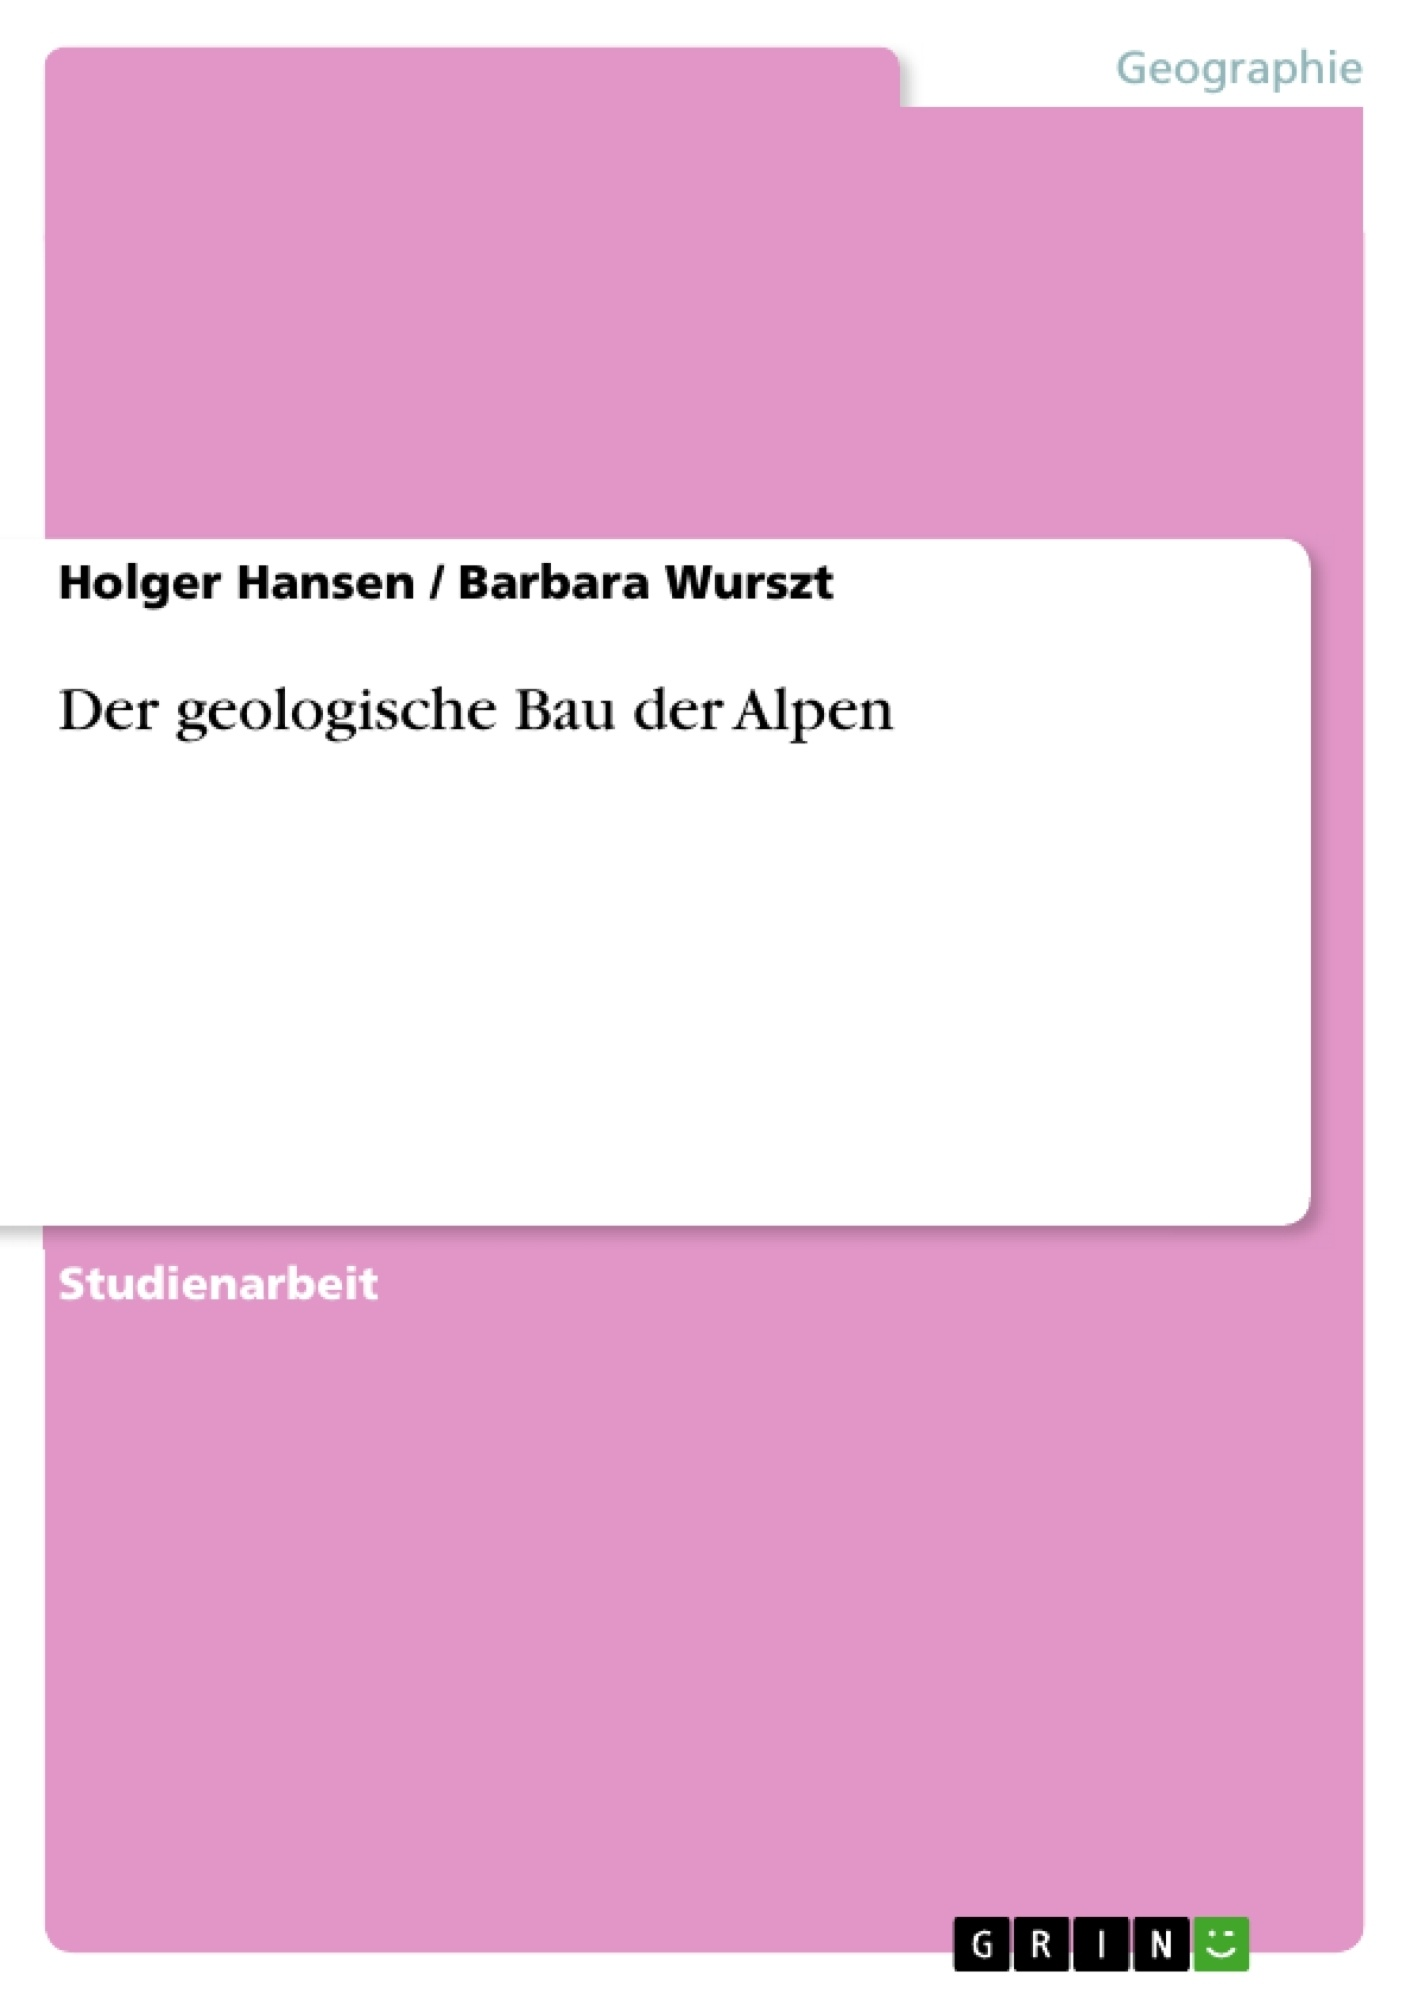 Titel: Der geologische Bau der Alpen